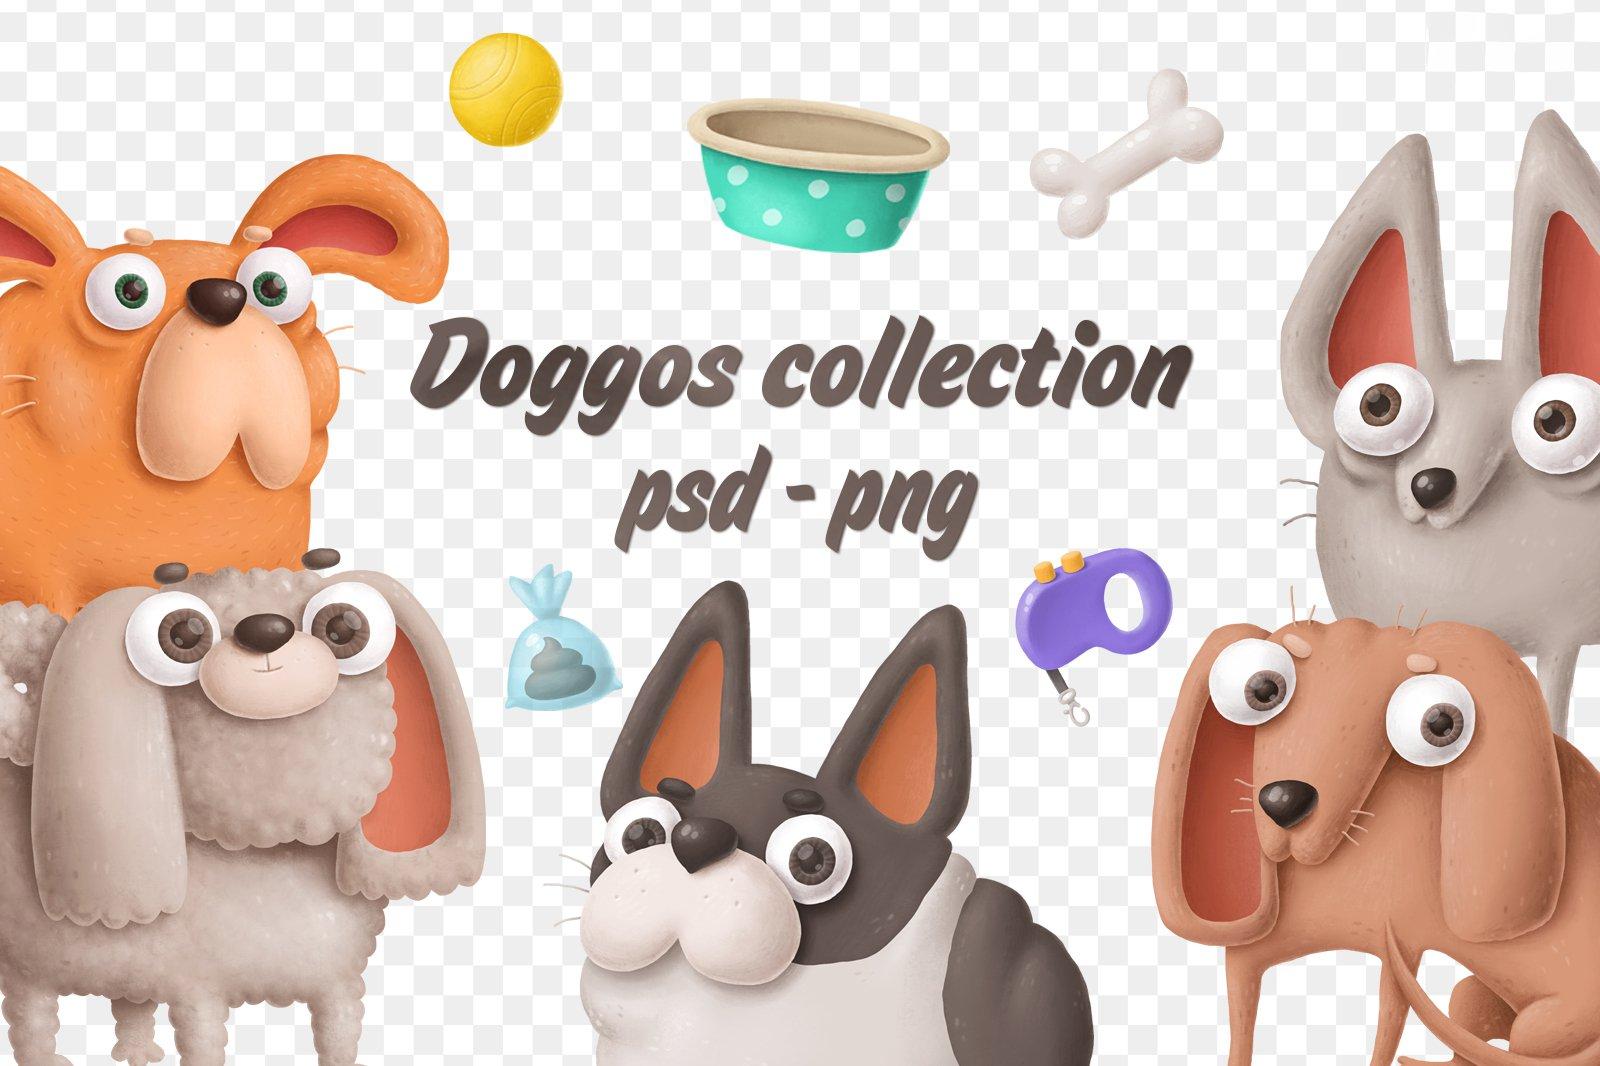 Растровый клипарт Doggos collection png с прозрачным фоном psd скачать бесплатно